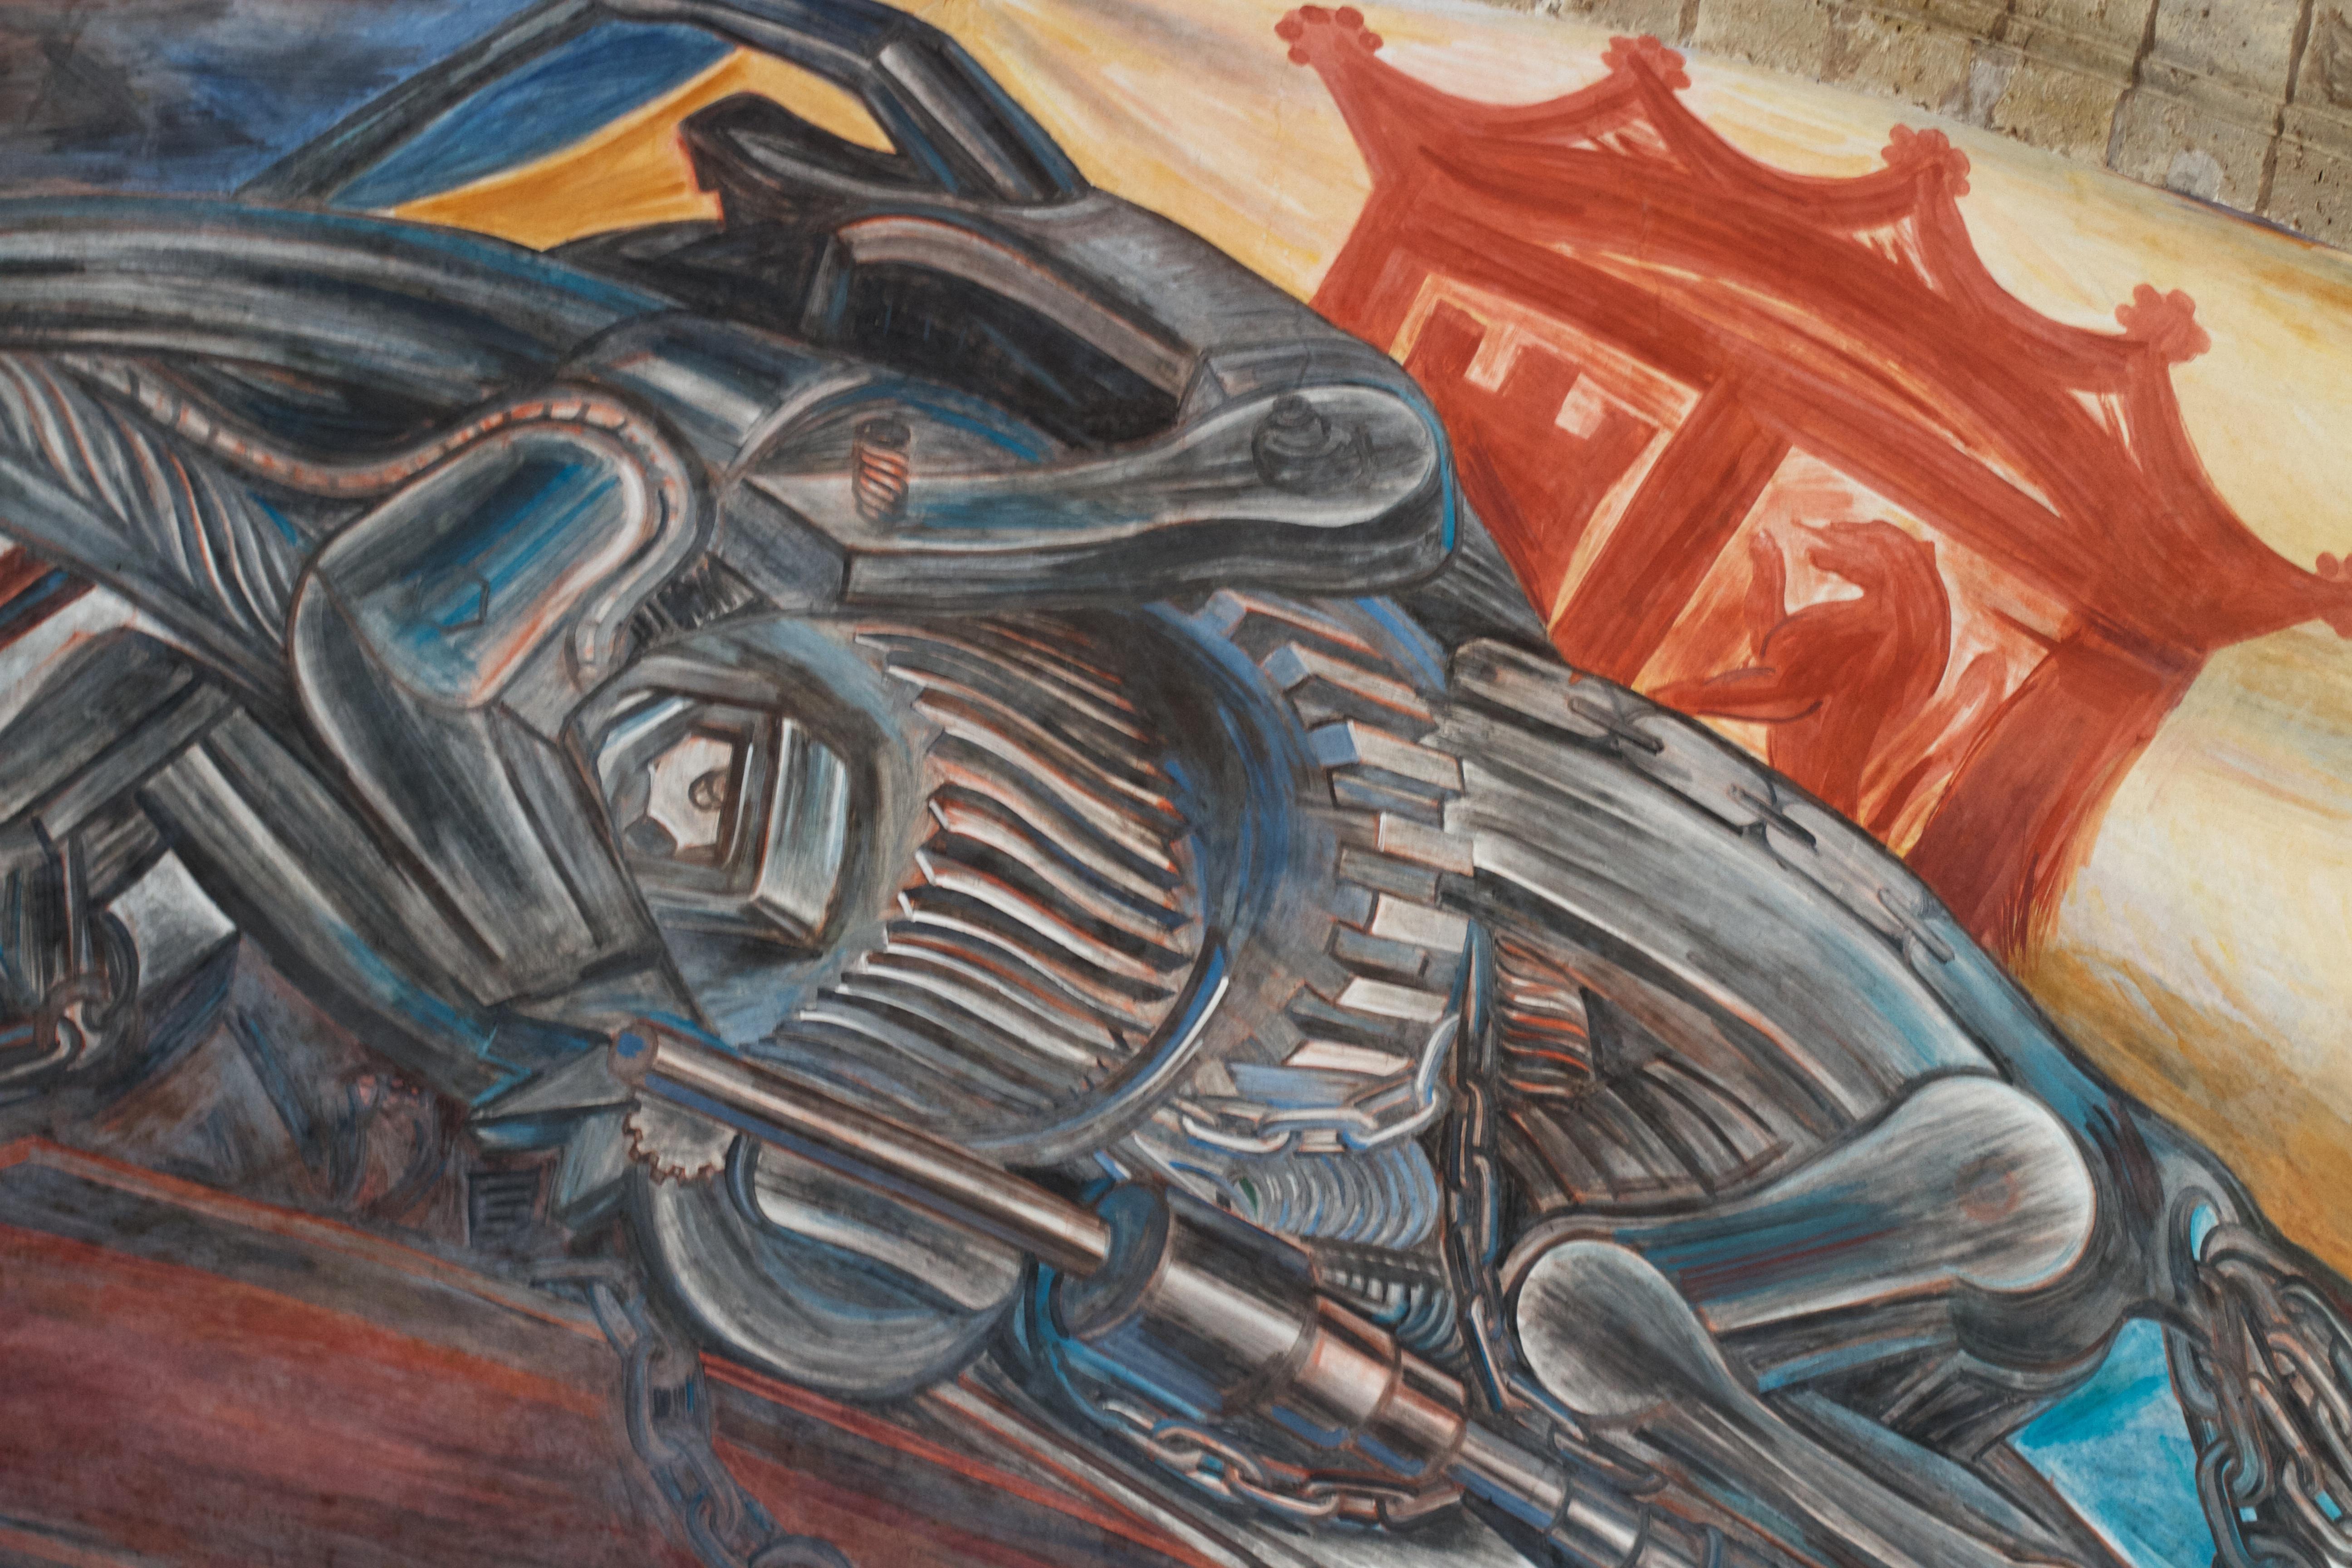 Fotos gratis pintura art bosquejo dibujo m jico for Aviso de ocasion mural guadalajara